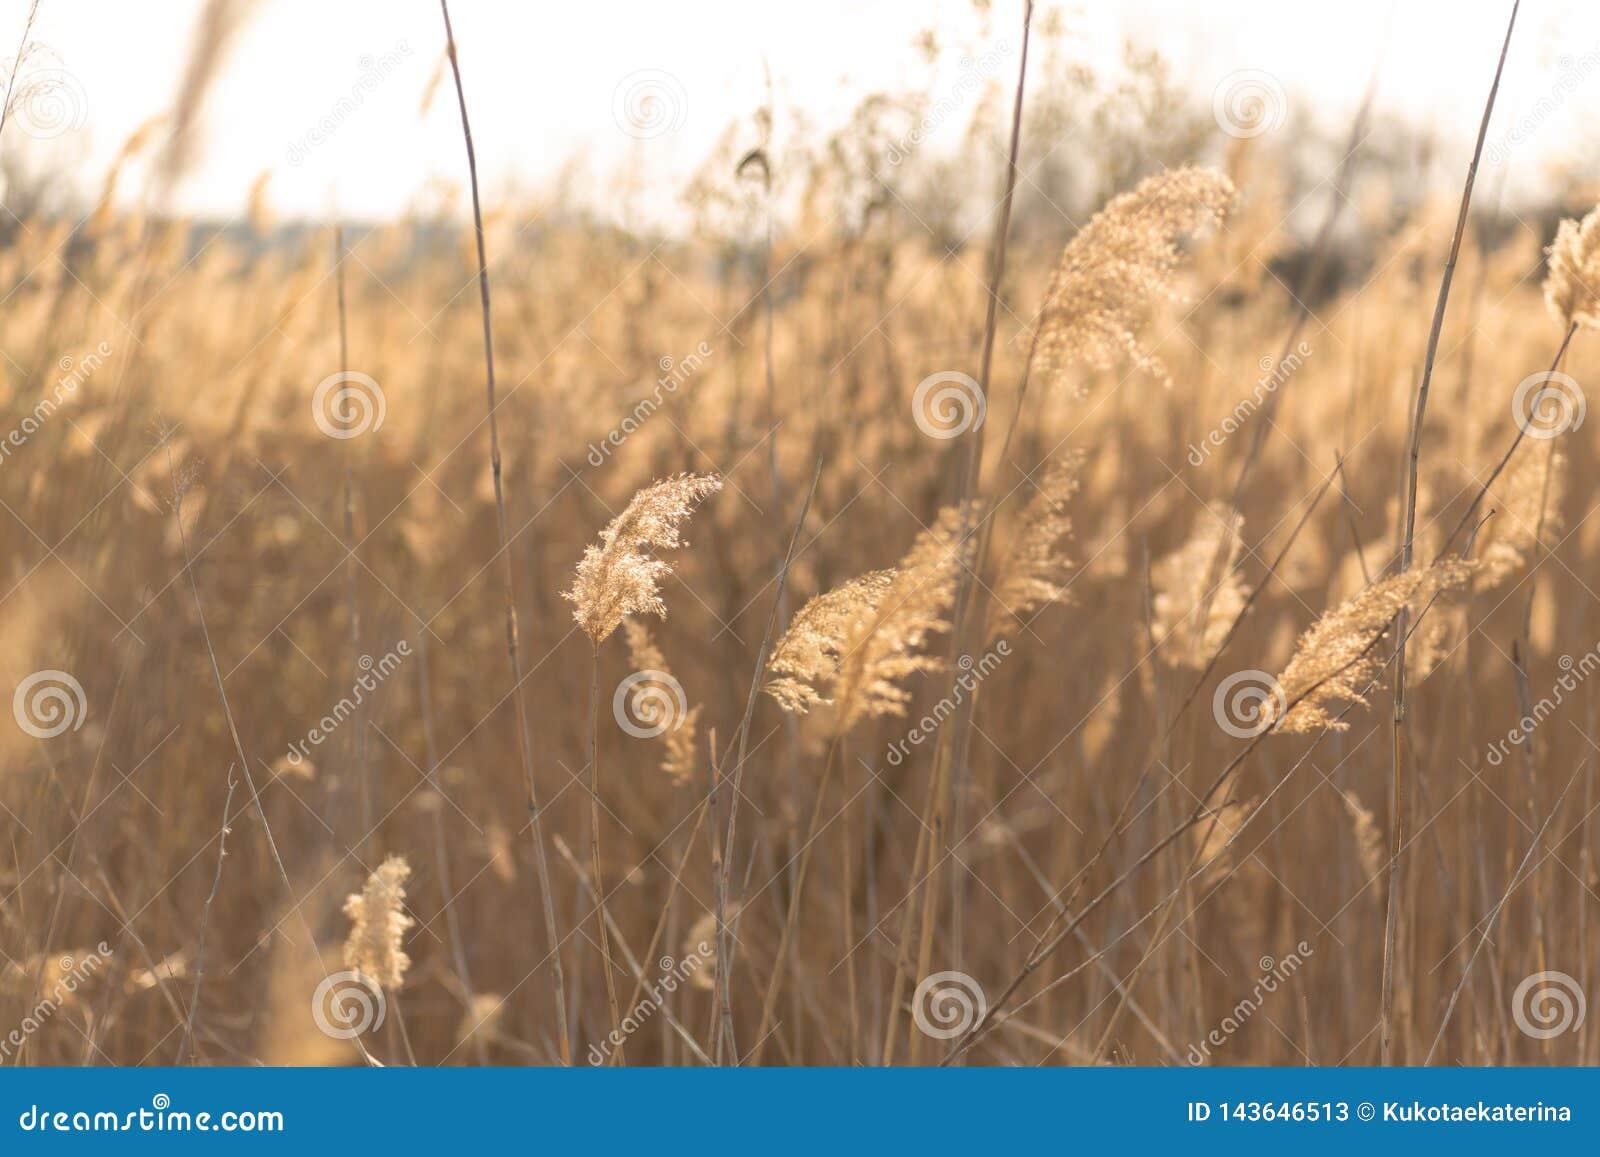 Fuoco molle dei gambi delle canne che soffiano nel vento alla luce dorata di tramonto Esponga al sole i raggi che splendono attra